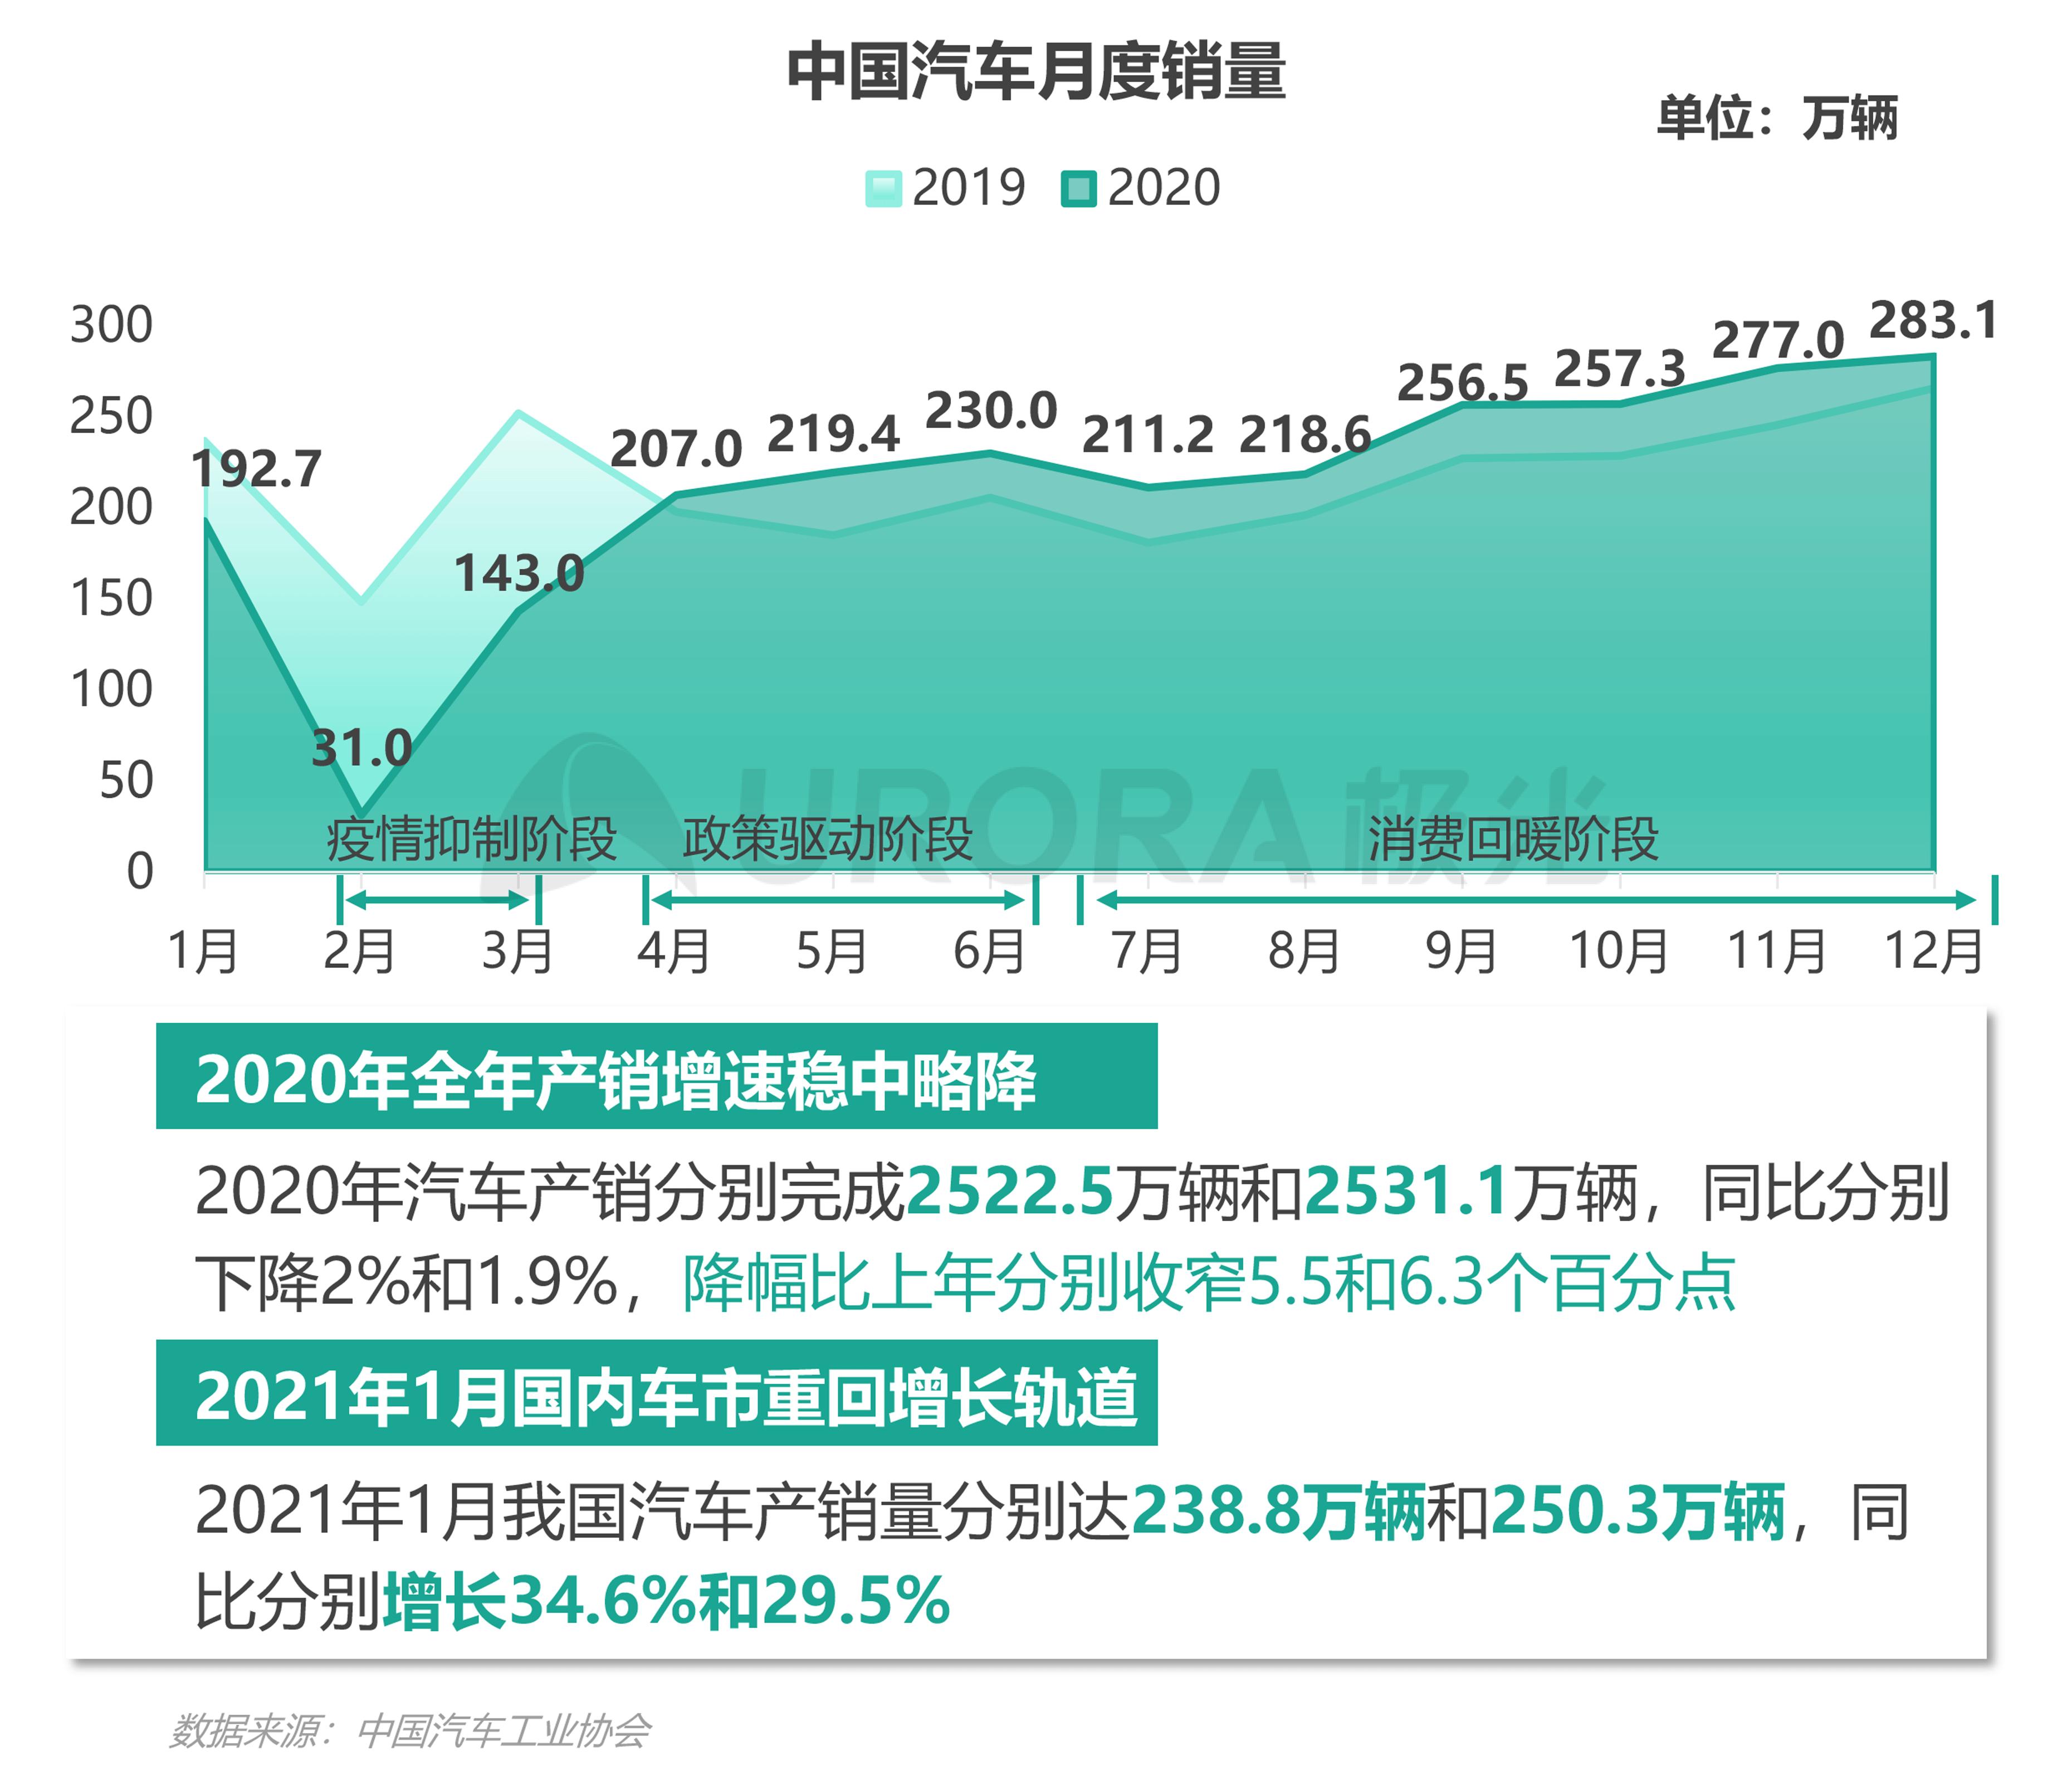 极光:汽车资讯行业洞察 (1).png